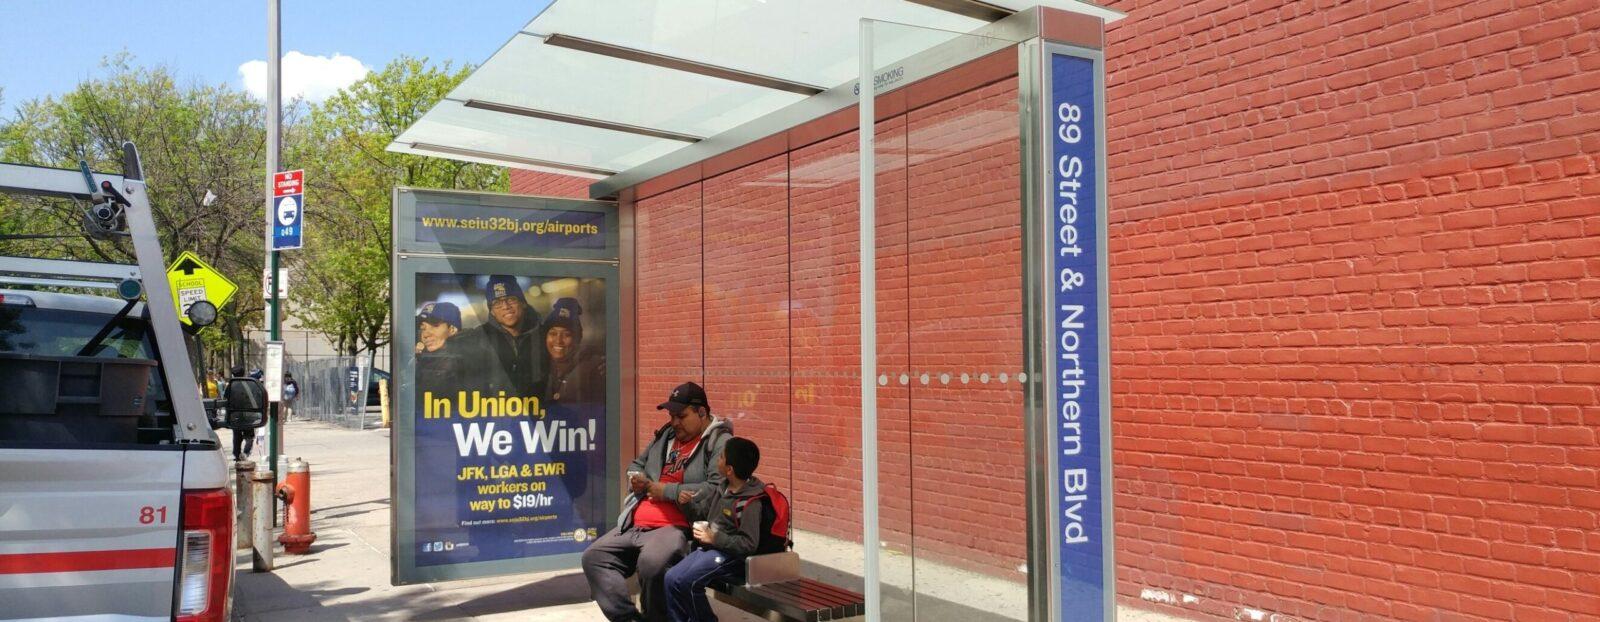 32BJ Bus Shelter Poster Advertising